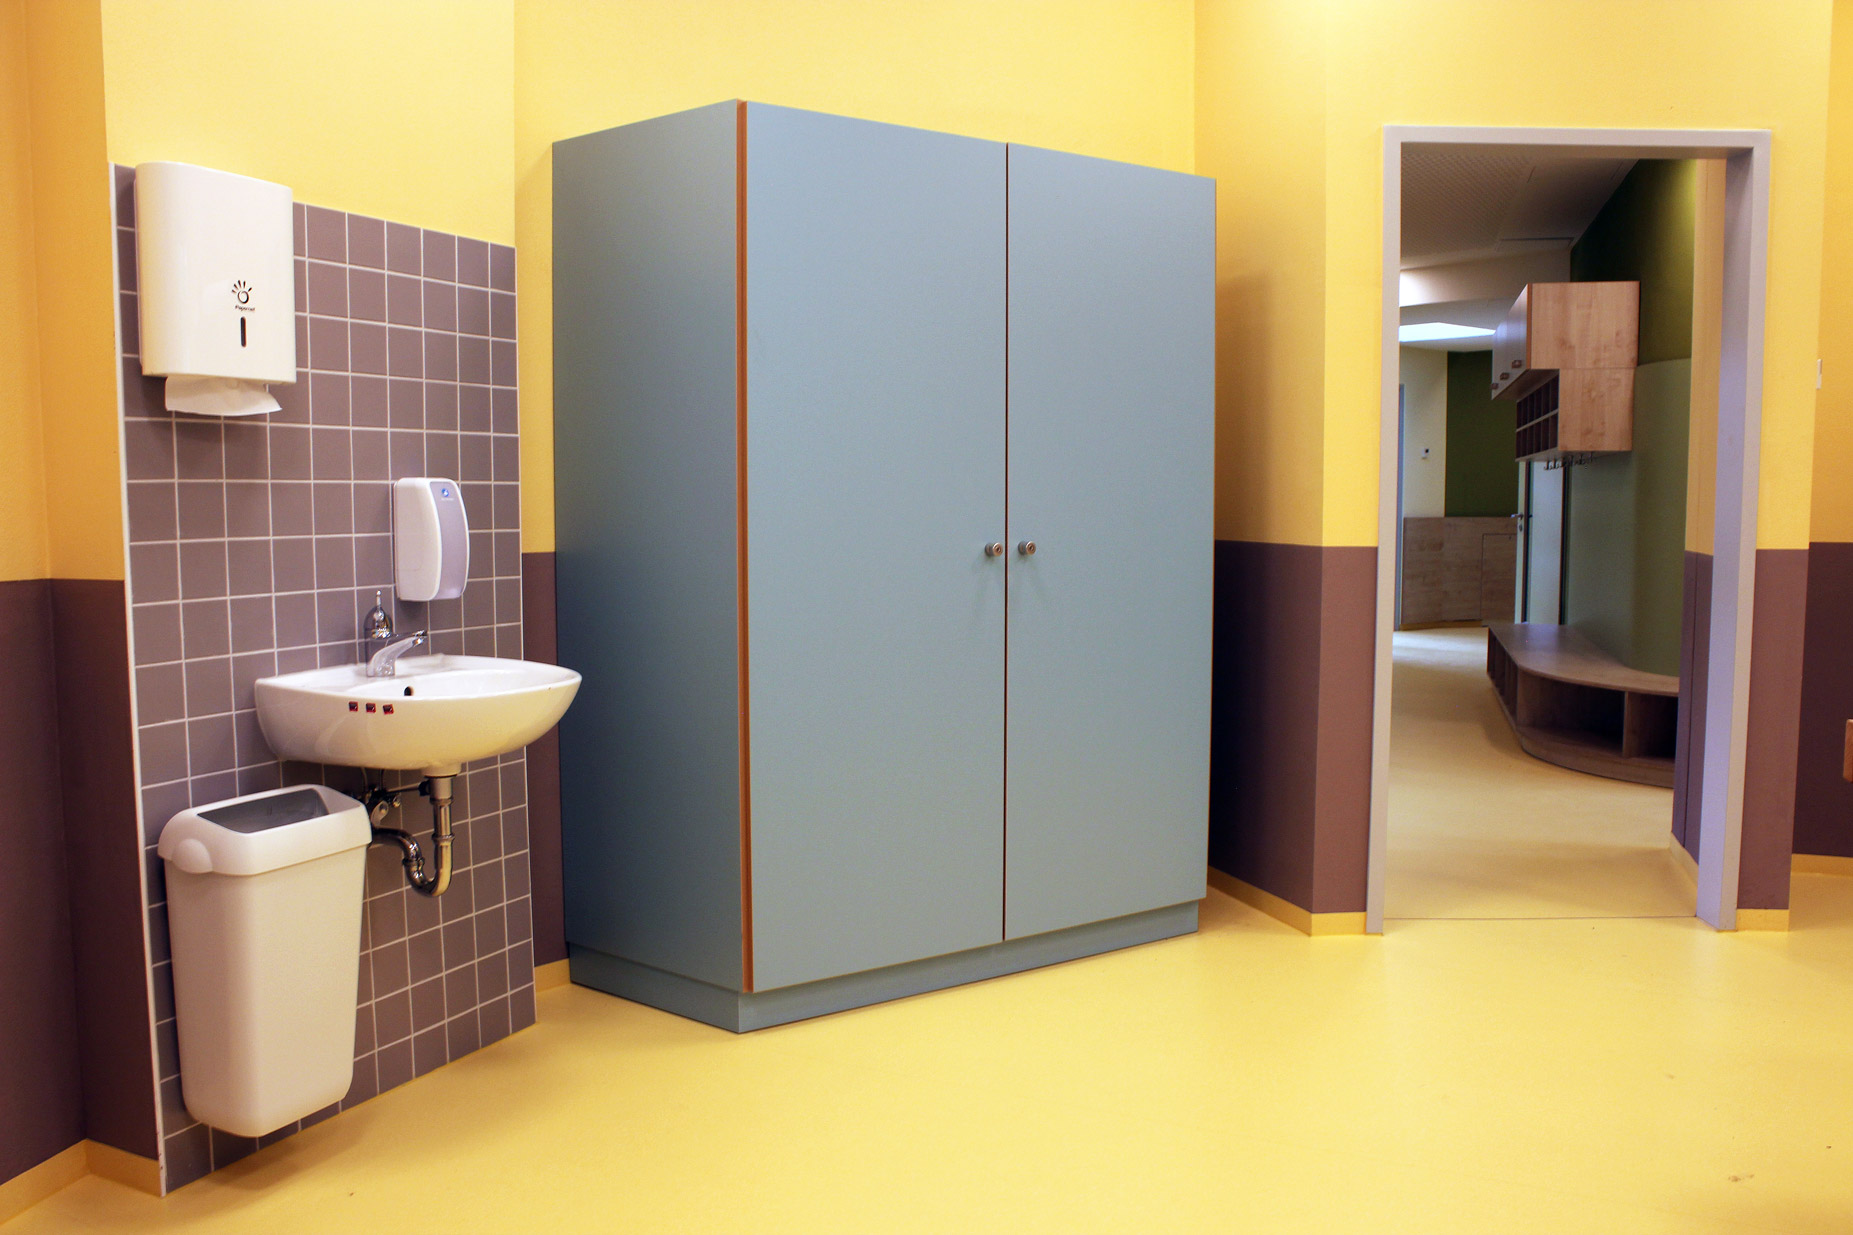 Foto Vorratsschrank für Bad in Kindertagesstätte in Zwickau